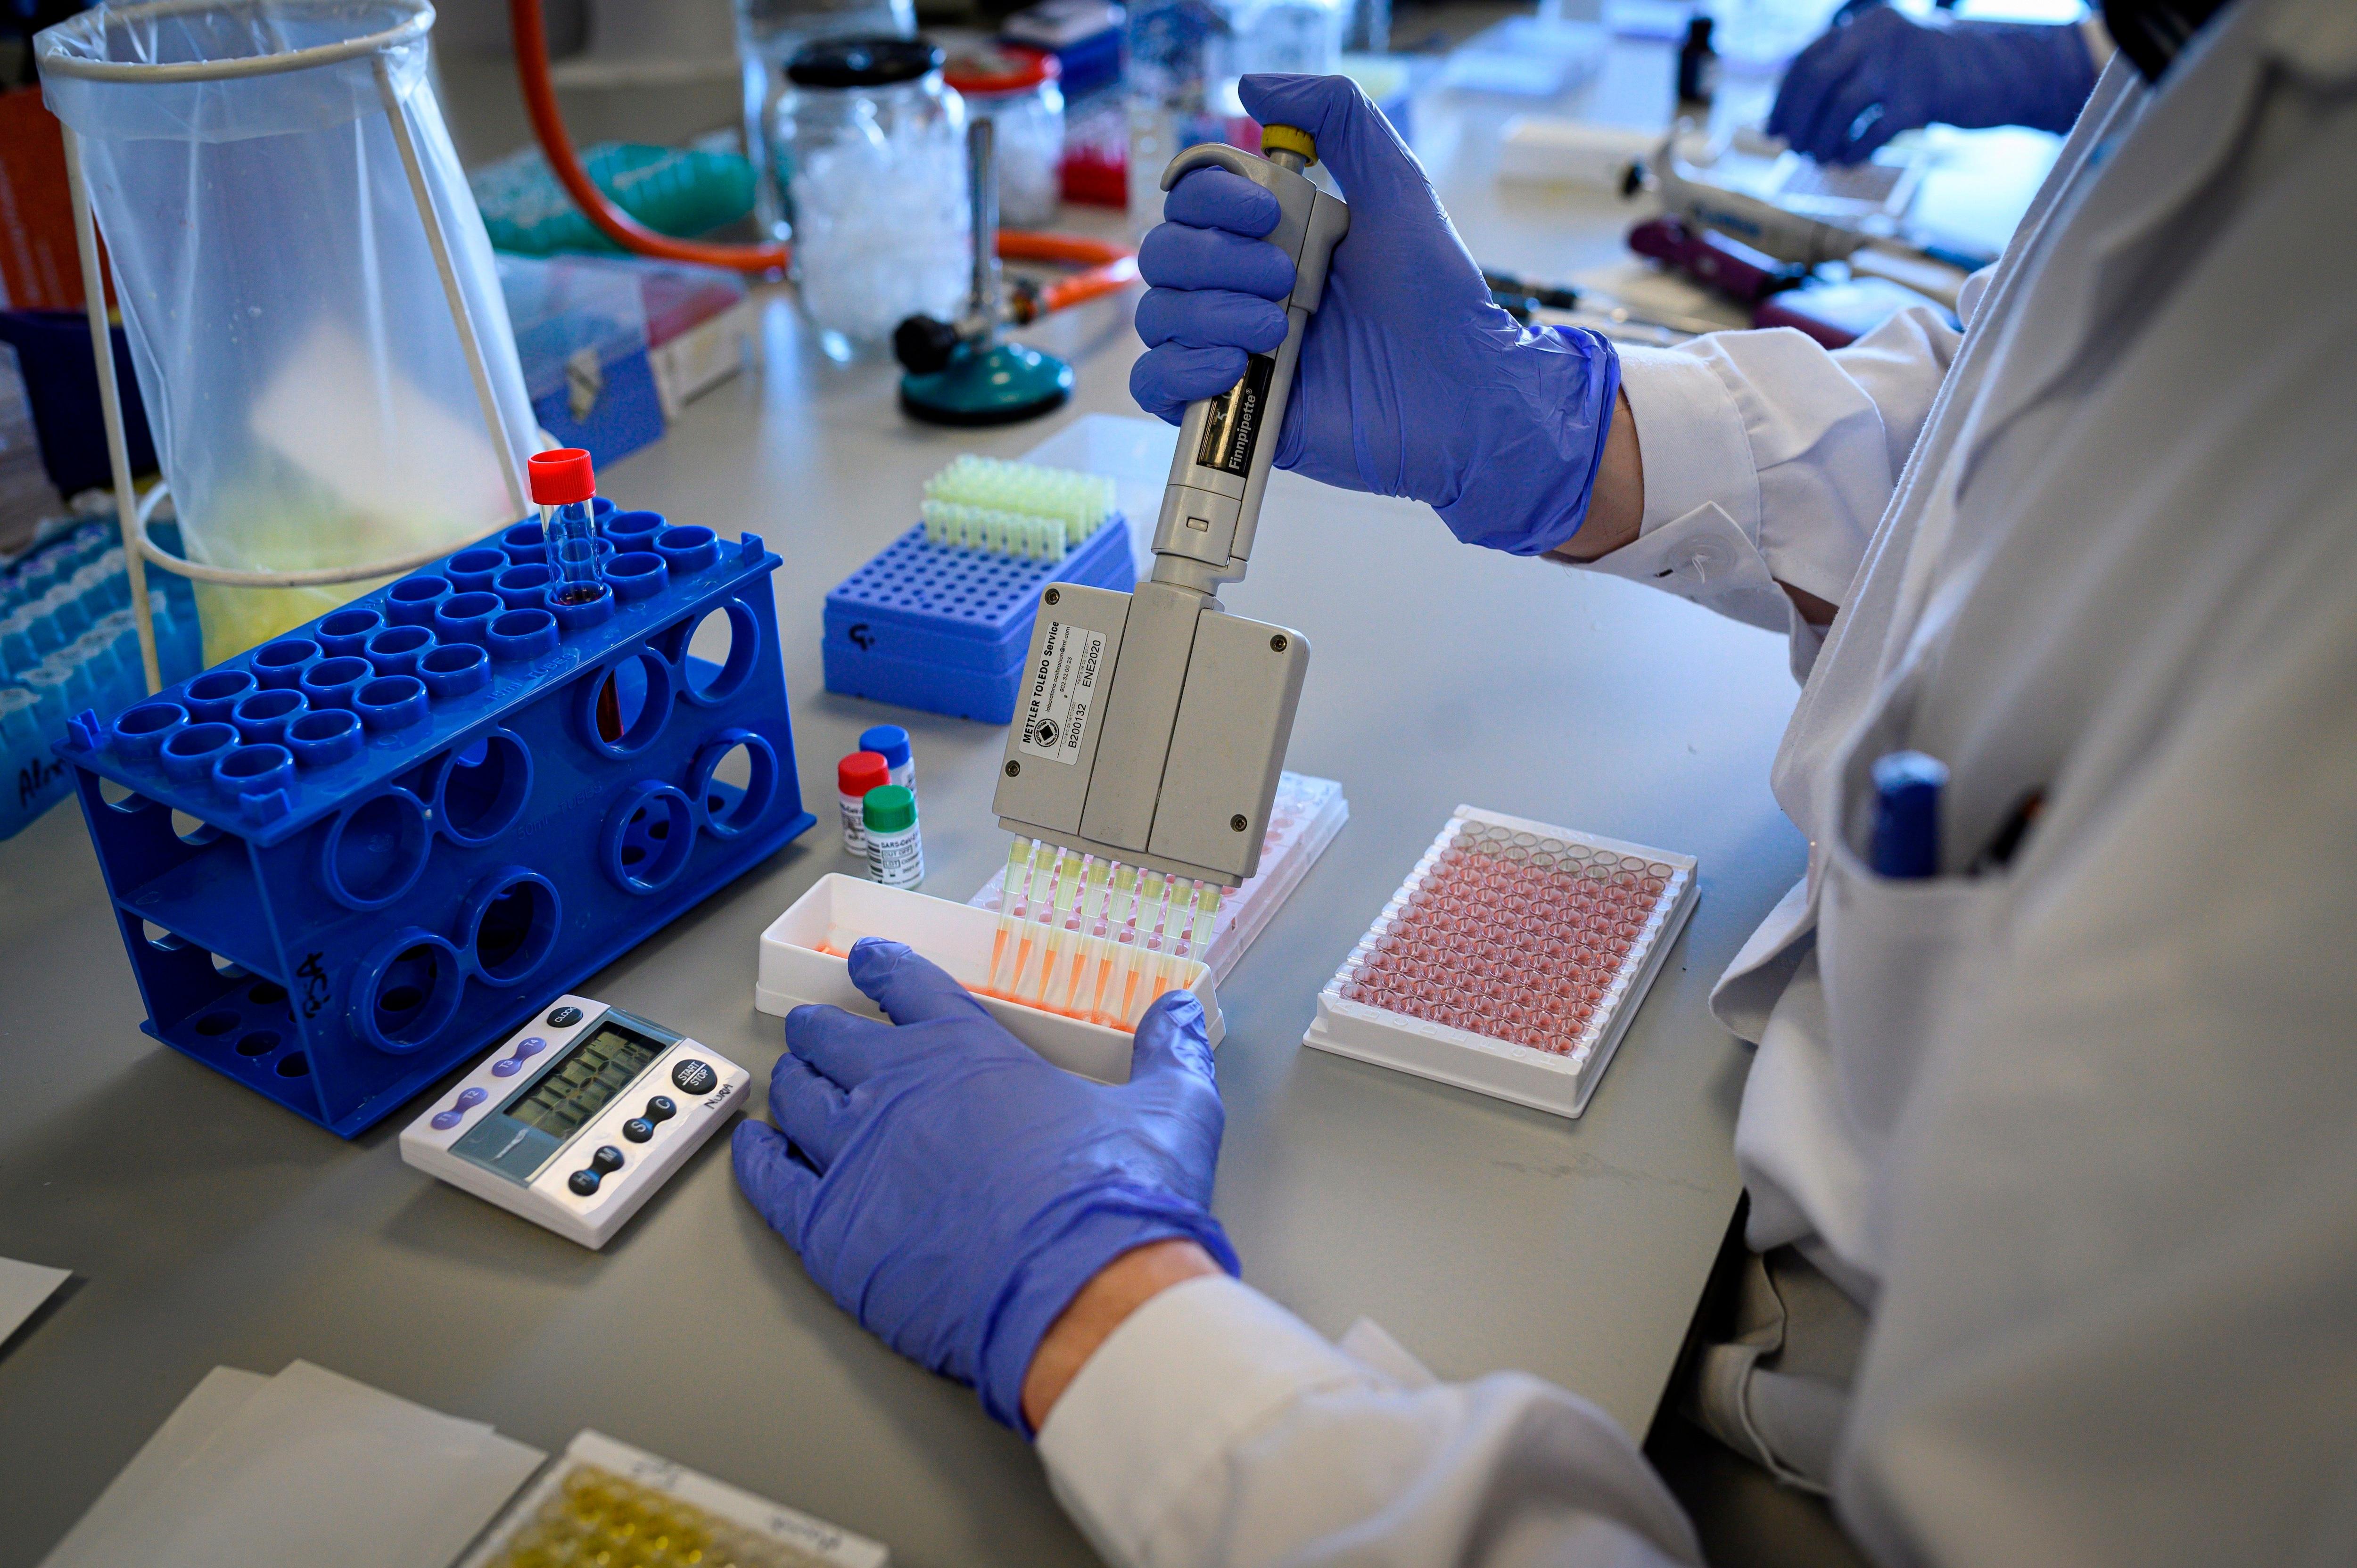 Un estudio demostró que el uso terapéutico de estas células es factible, seguro y bien tolerado por los pacientes con EM (FE/Fernando Villar/Archivo)